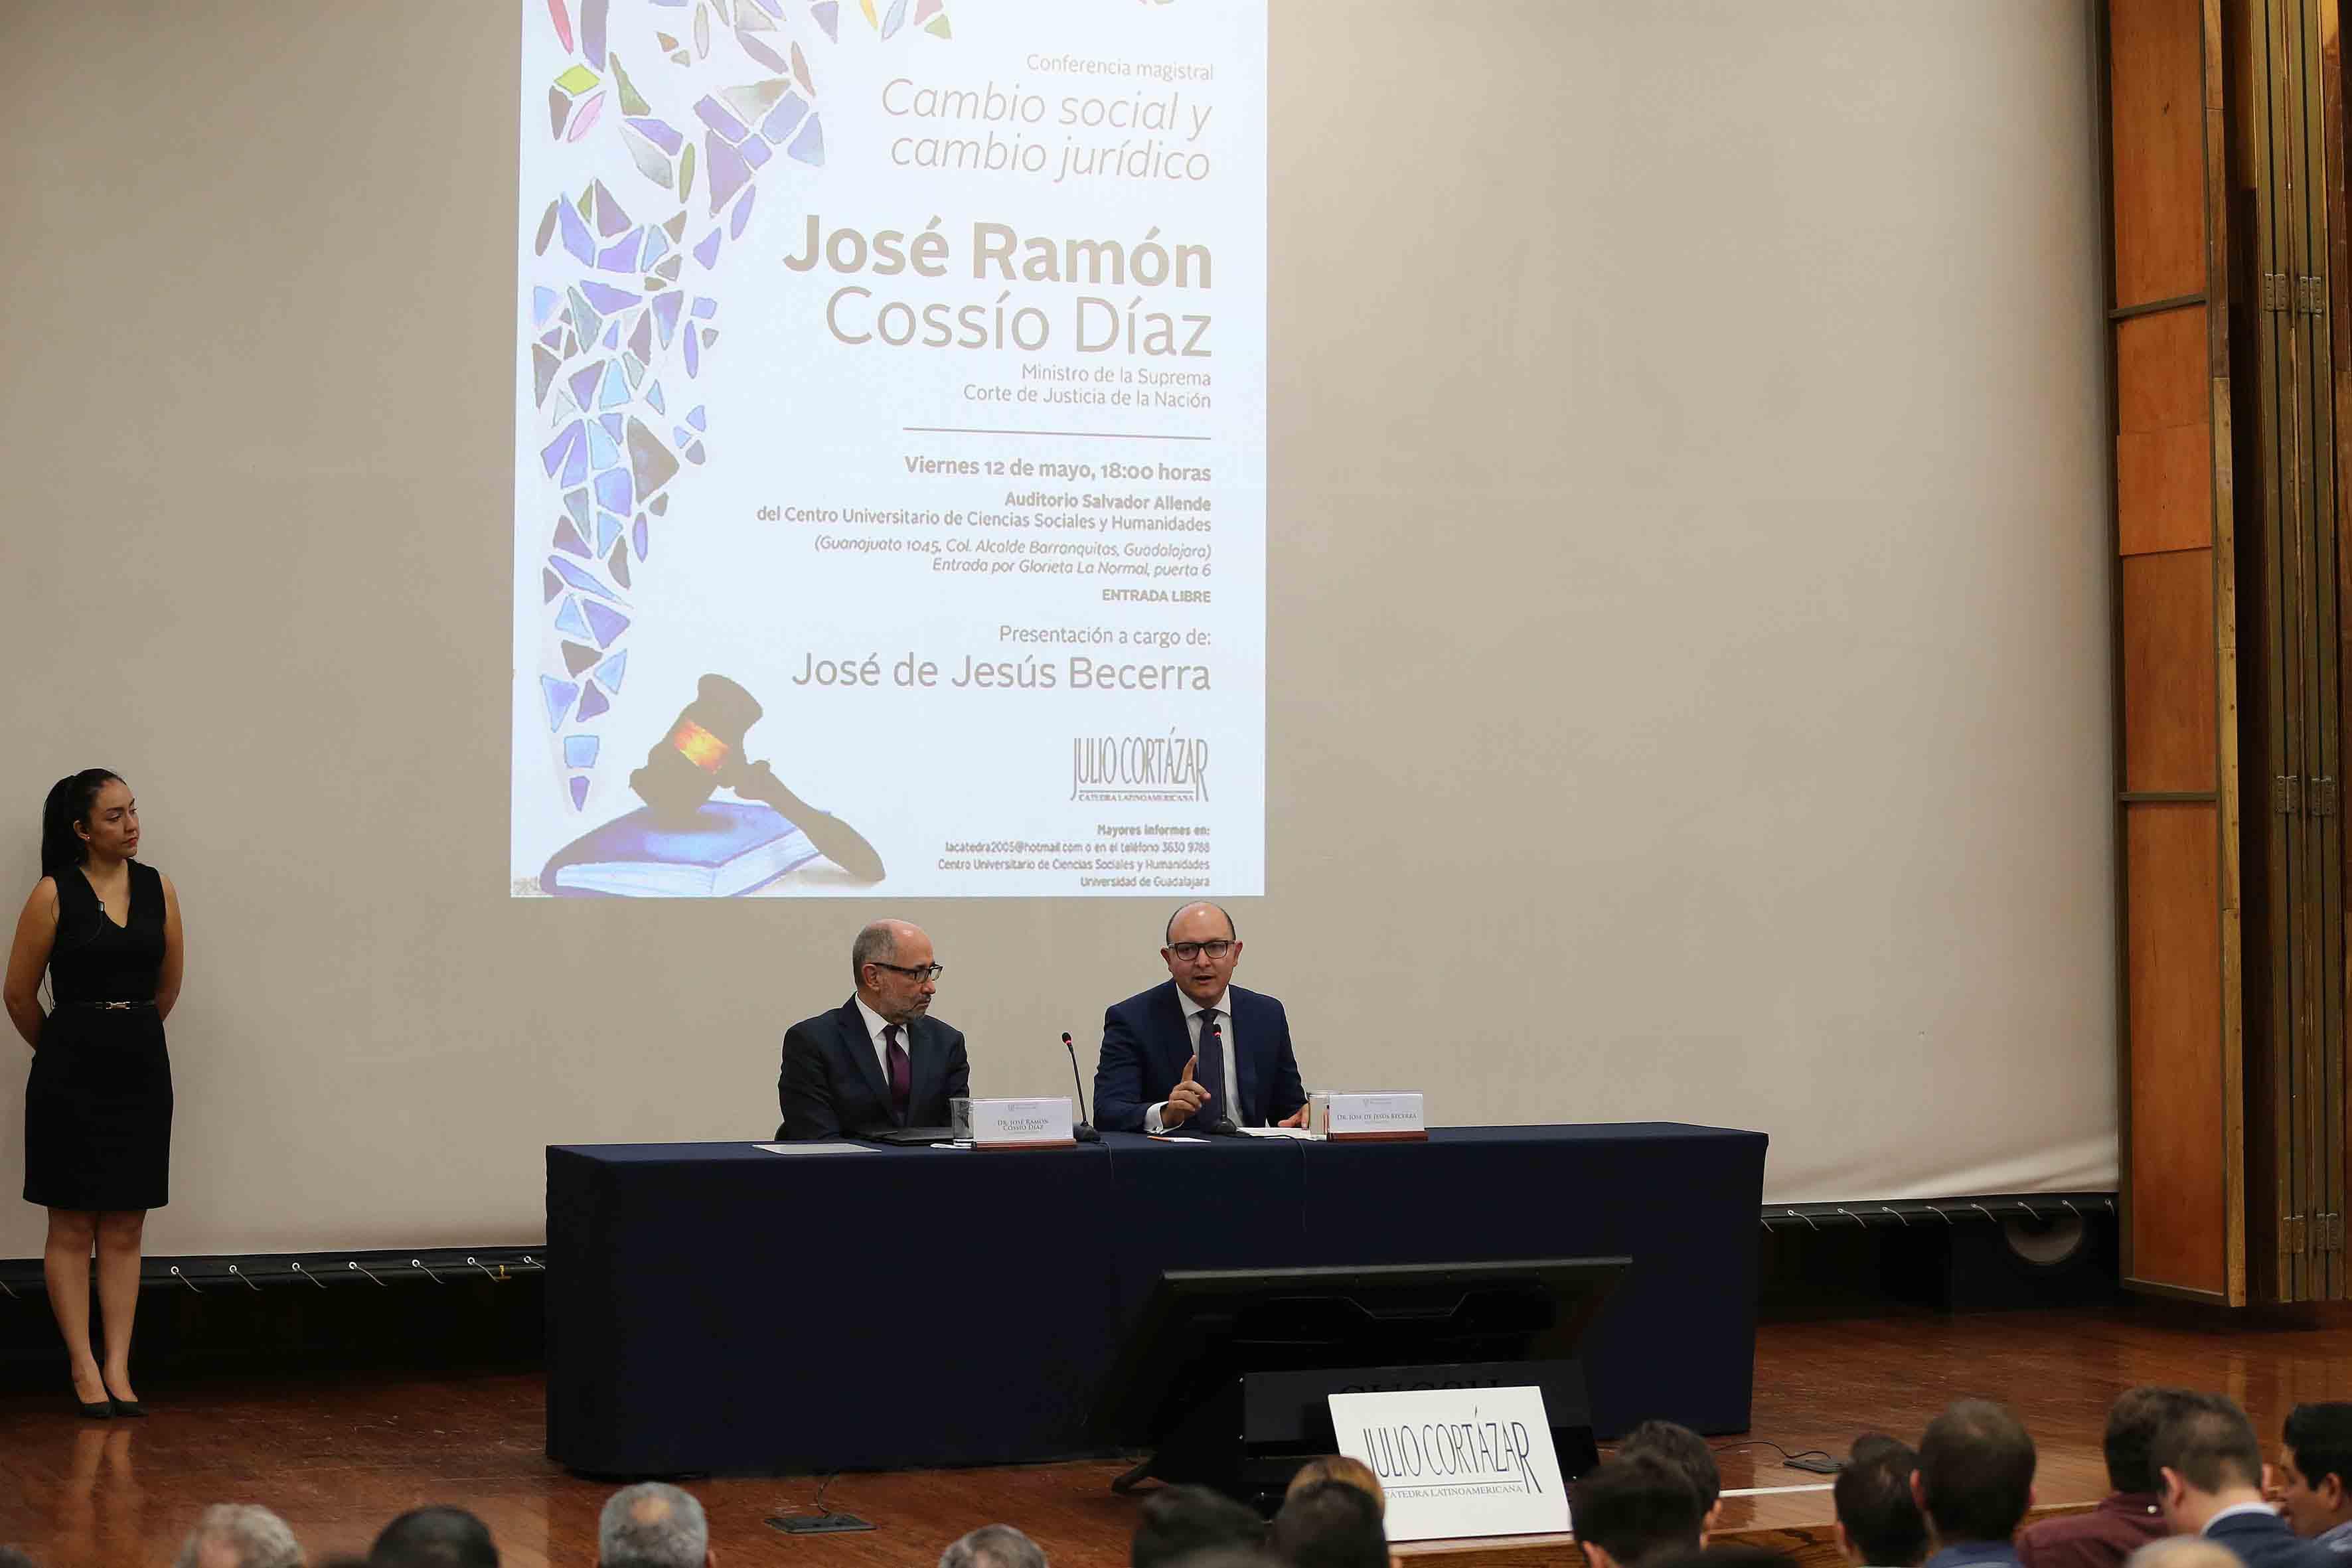 Doctor José de Jesús Becerra Ramírez, director de la División de Estudios Jurídicos del Centro Universitario de Ciencias Sociales y Humanidades (CUCSH), participando en conferencia.